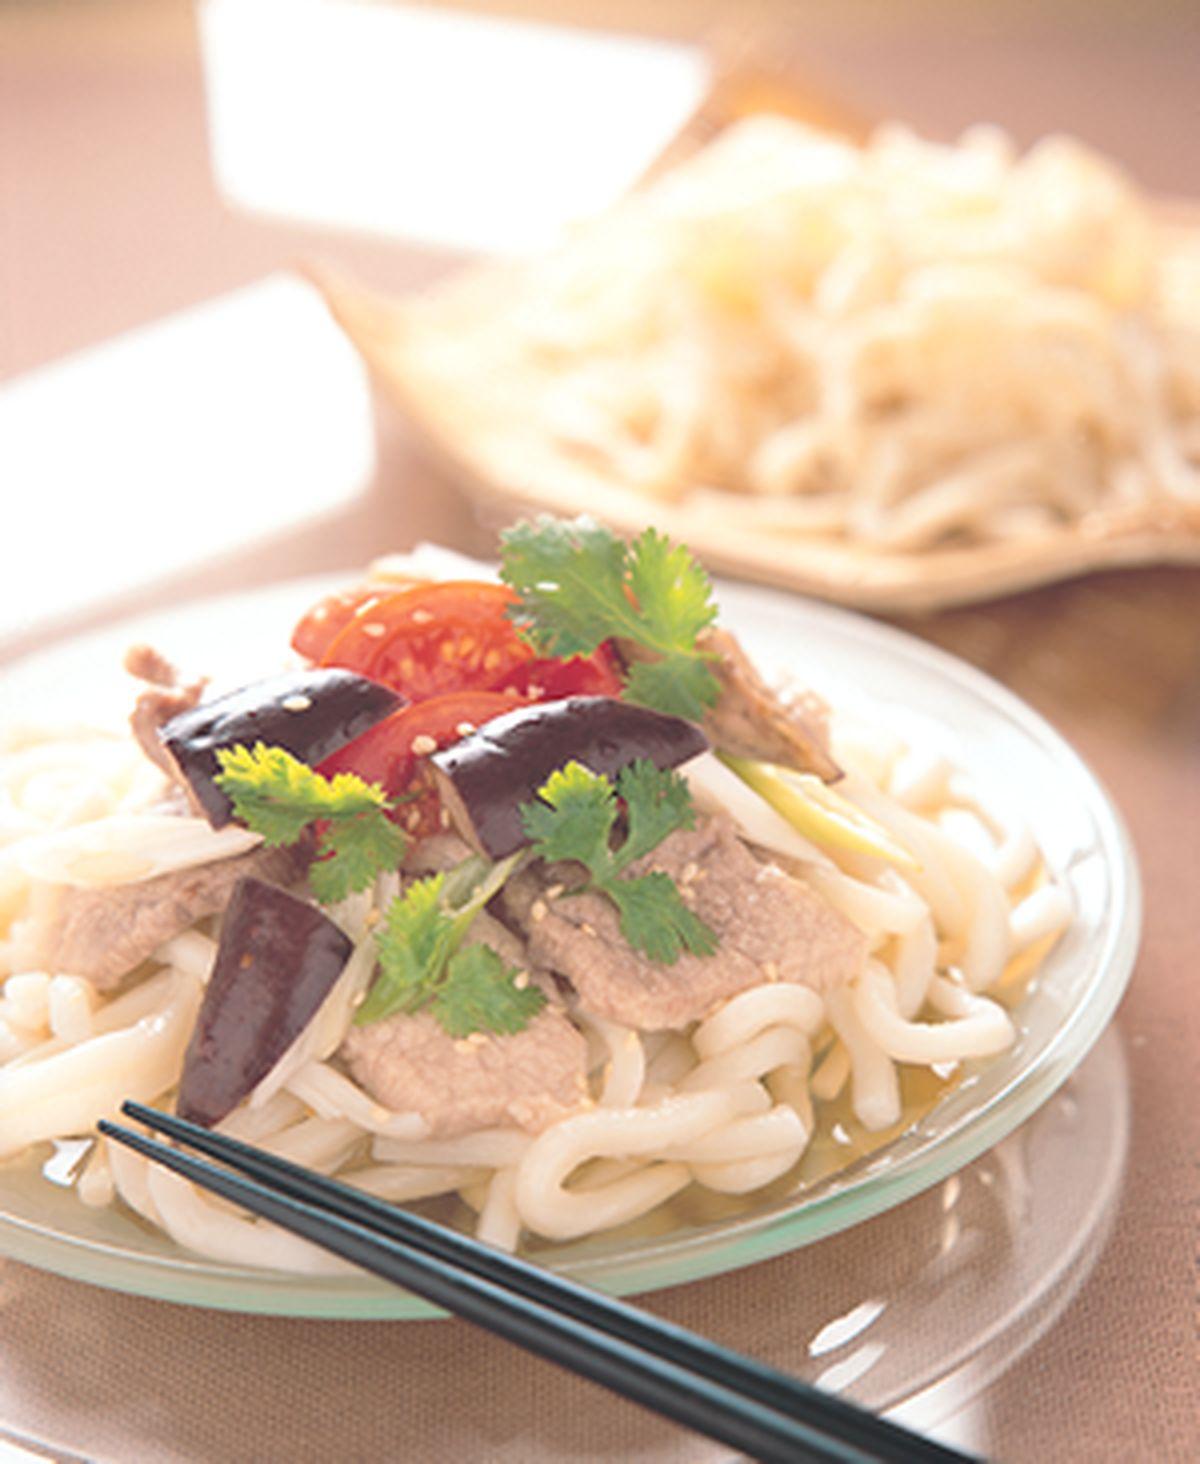 食譜:豬肉野菜冷烏龍麵